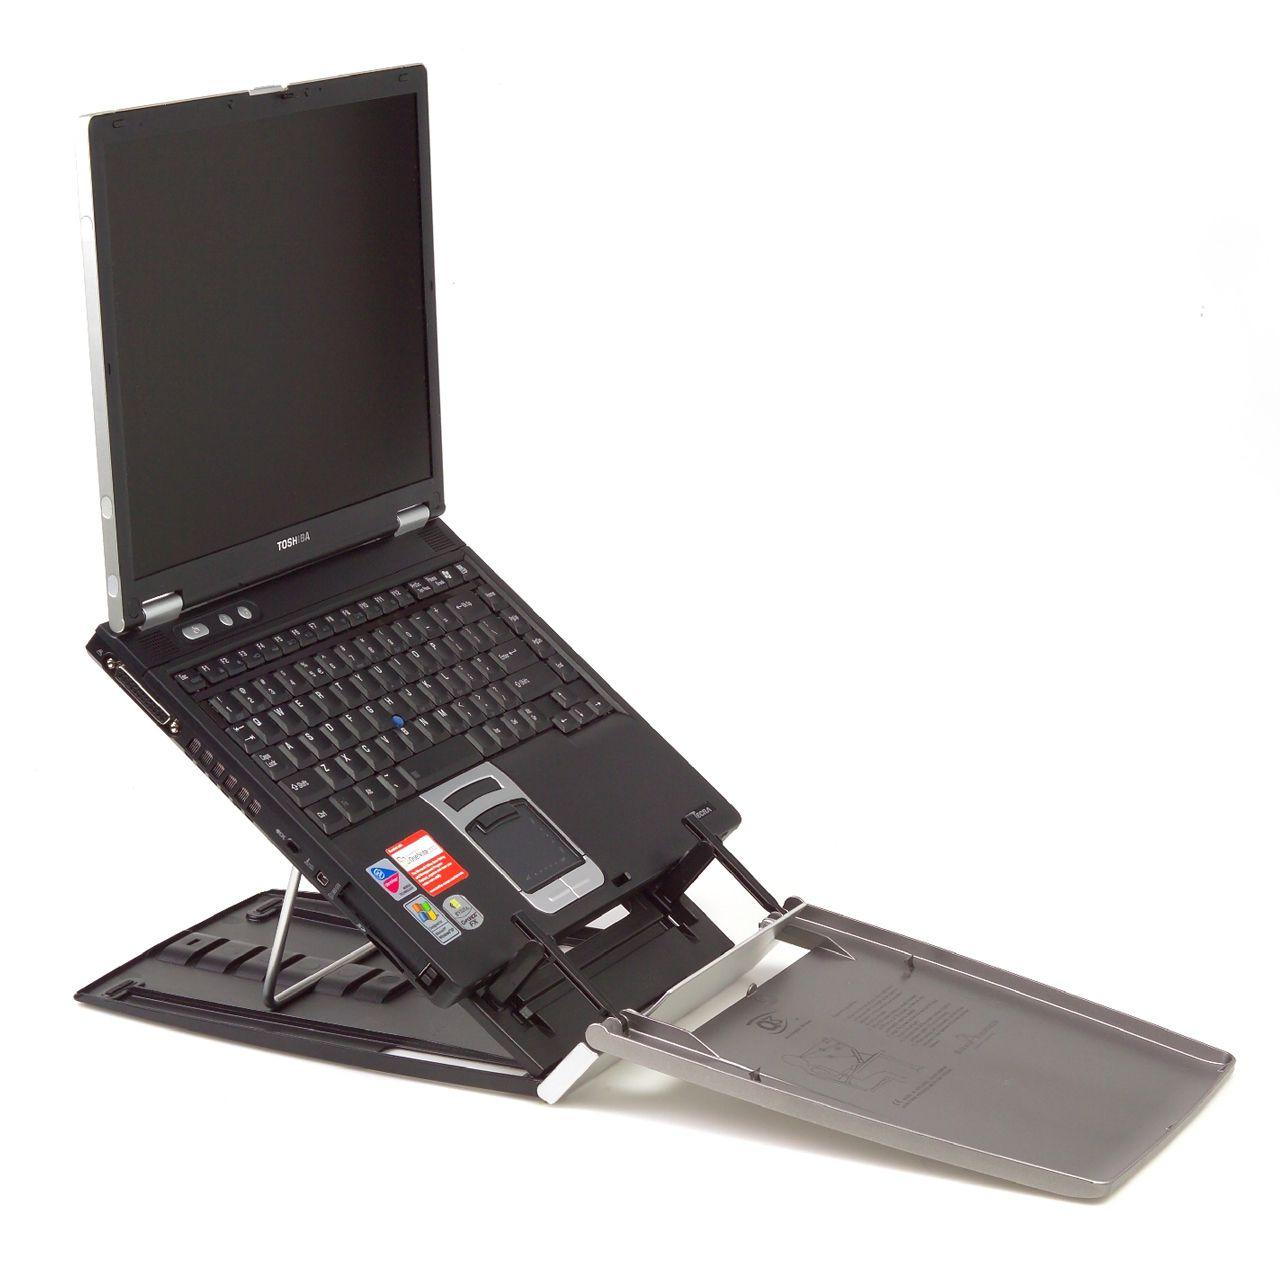 ergo q 330 laptophouder ERKAQ3365 Zijkant open met laptop